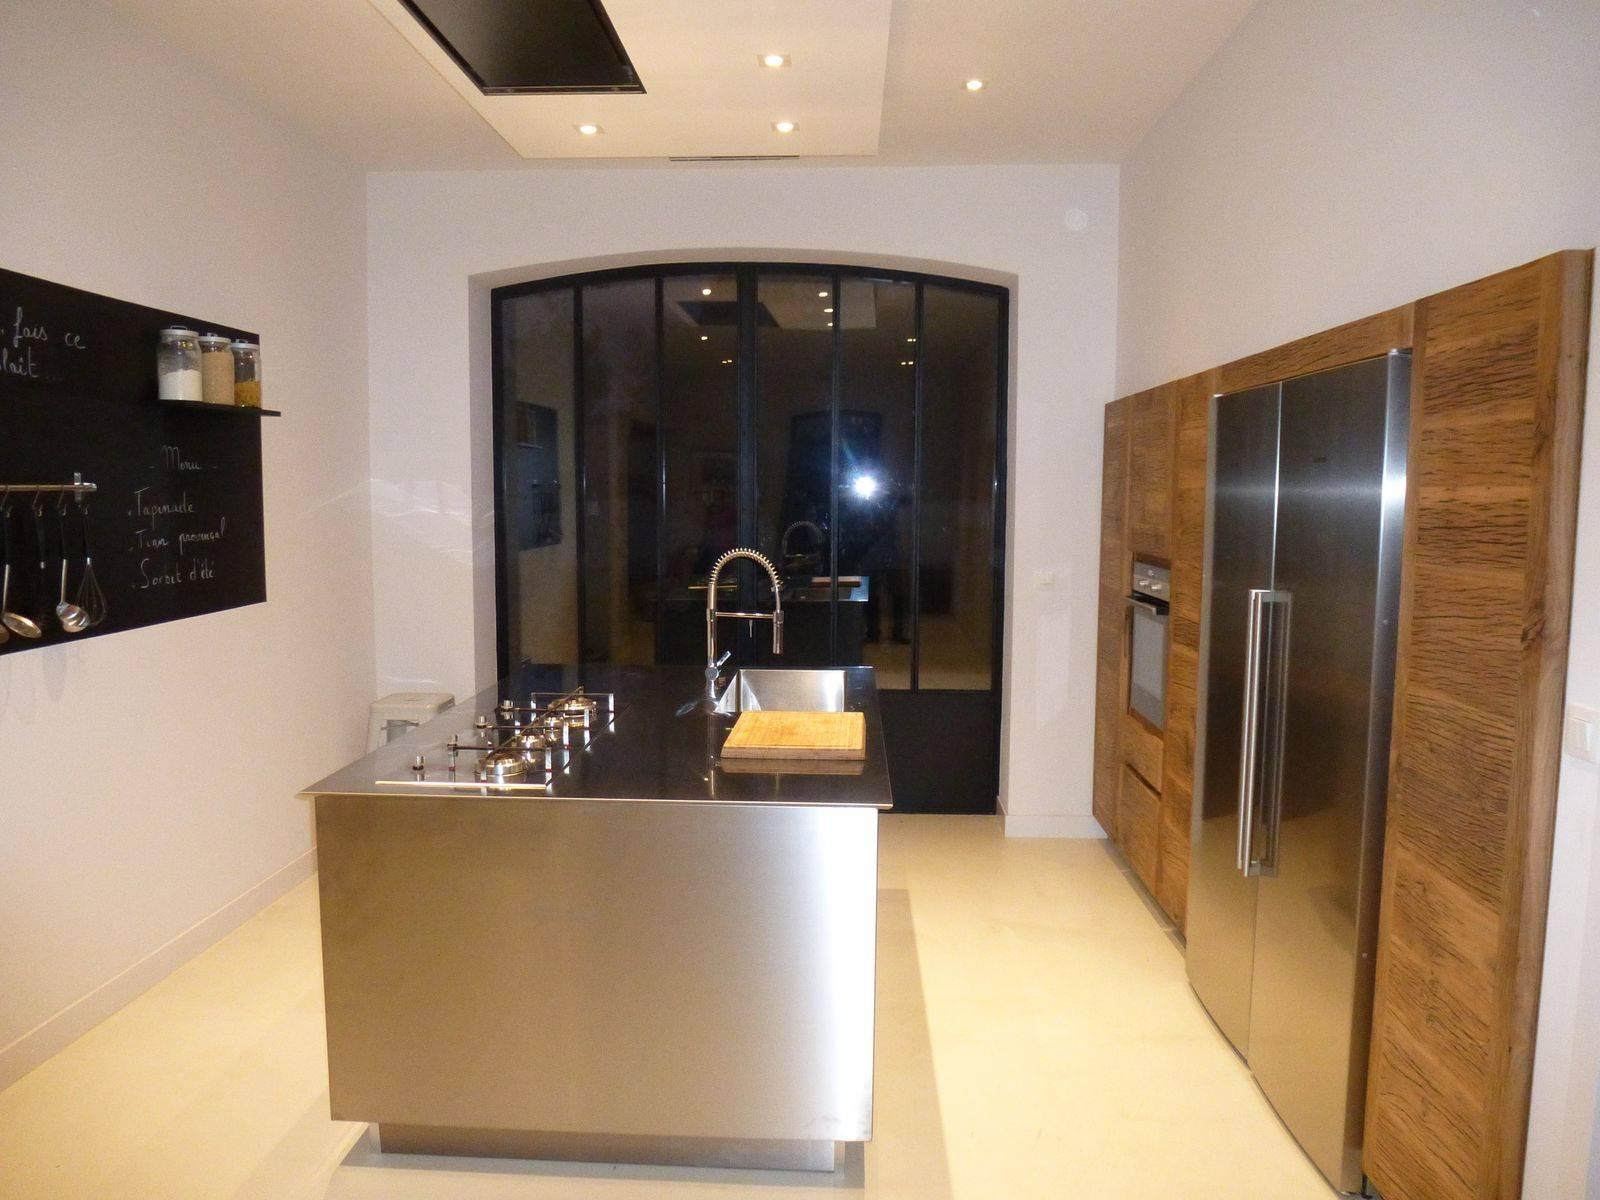 cuisine en inox villeneuve les avignon mod le inoxpro atelier bois deco. Black Bedroom Furniture Sets. Home Design Ideas